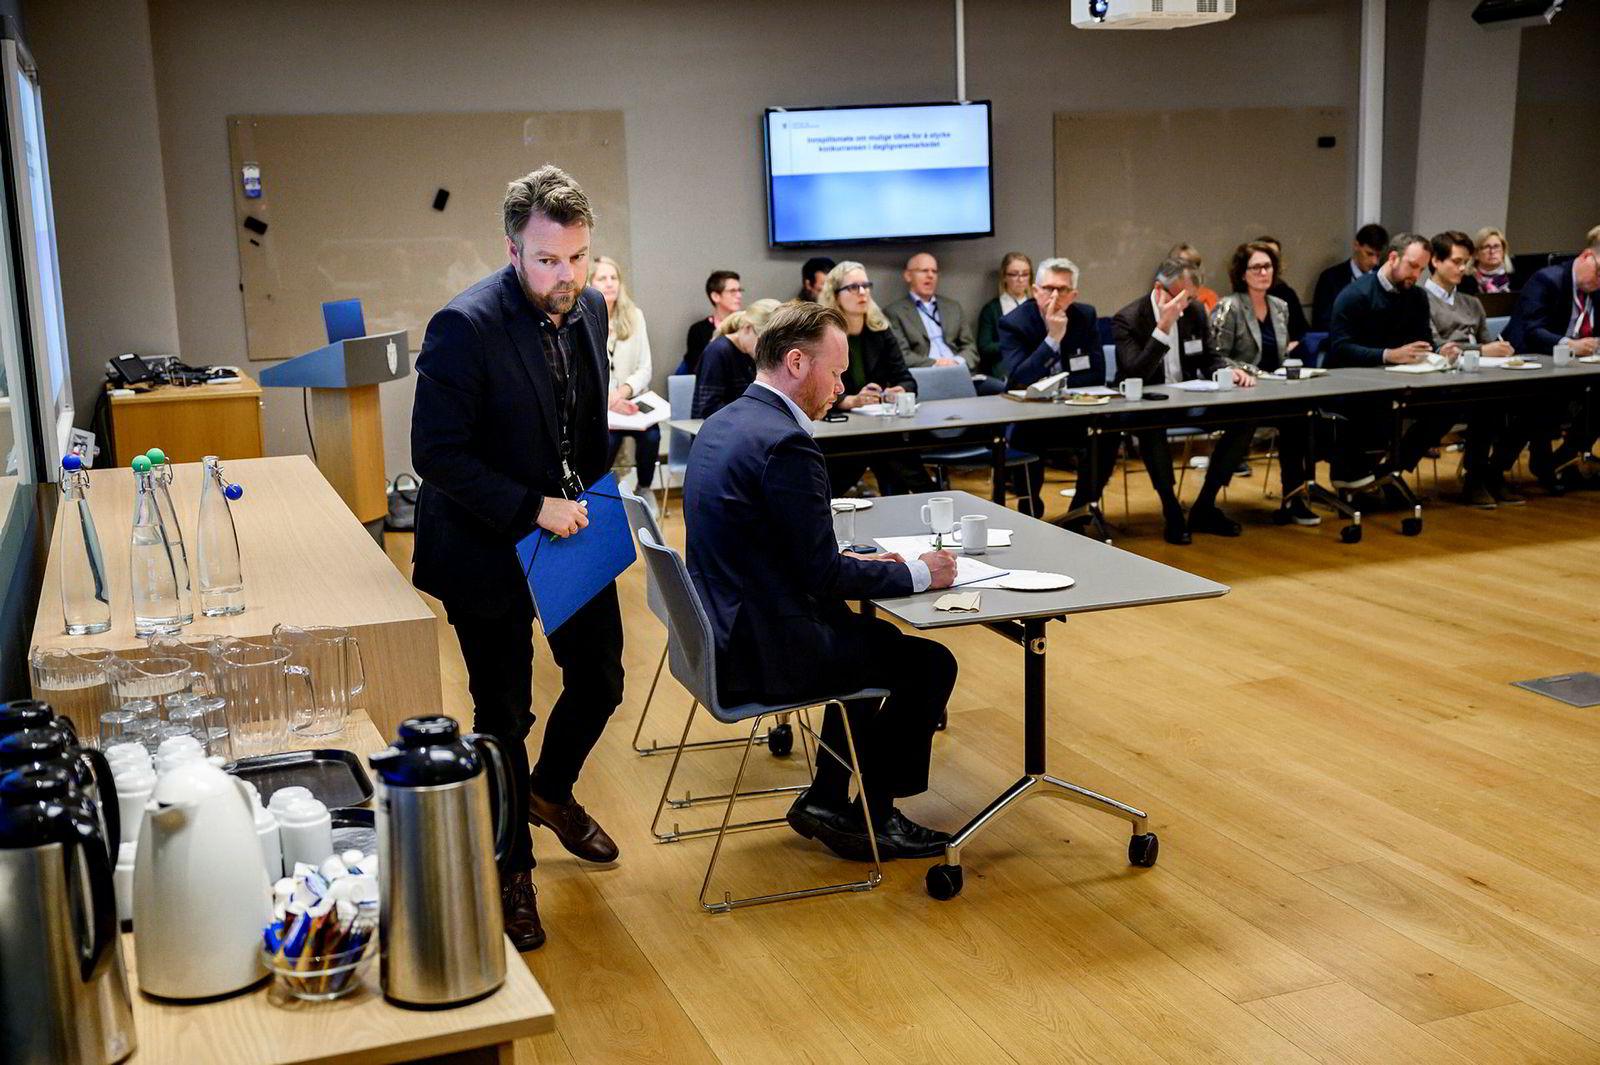 Næringsminister Torbjørn Røe Isaksen fikk innspill fra næringen på et møte i dag. Isaksen måtte gå før møtet var over for å rekke noe annet. Nærings- og fiskeridepartementet hadde i dag et innspillsmøte mulige tiltak for å forbedre konkurransesituasjonen i dagligvarebransjen.